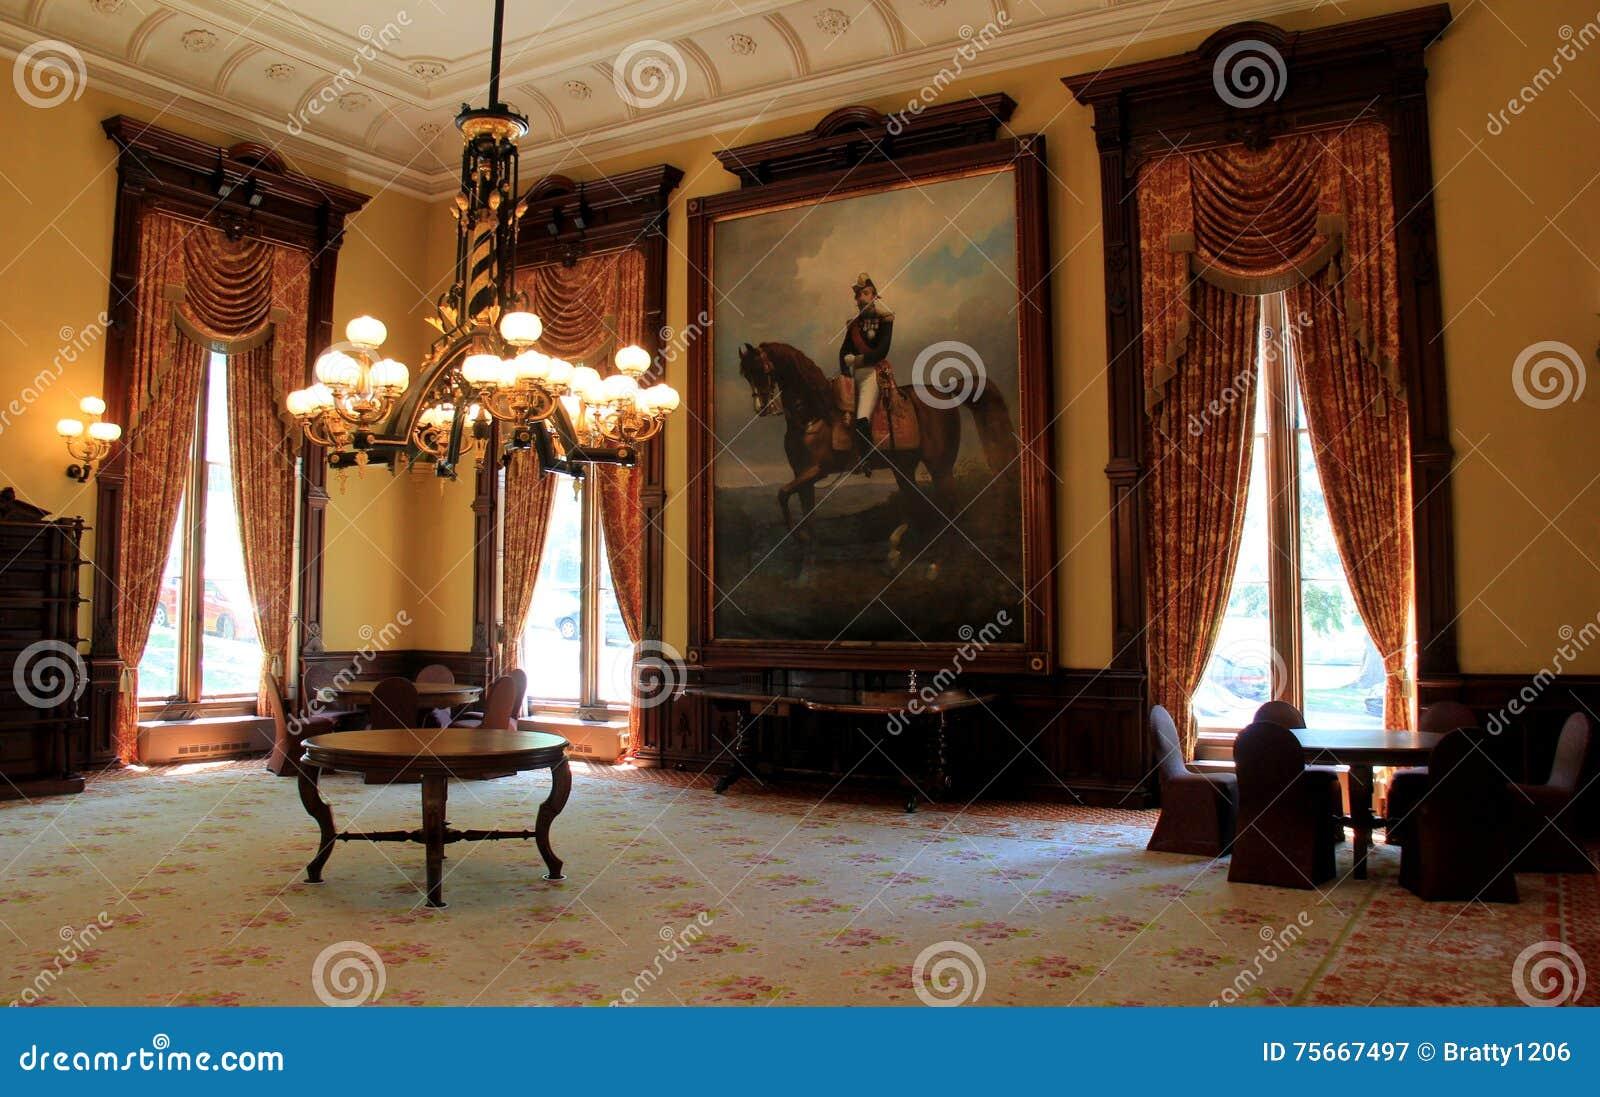 Het overweldigende binnenland, met meubels, portretten en zware kroonluchters, Balzaal, Canfield-Casino, Saratoga springt, NY, 20